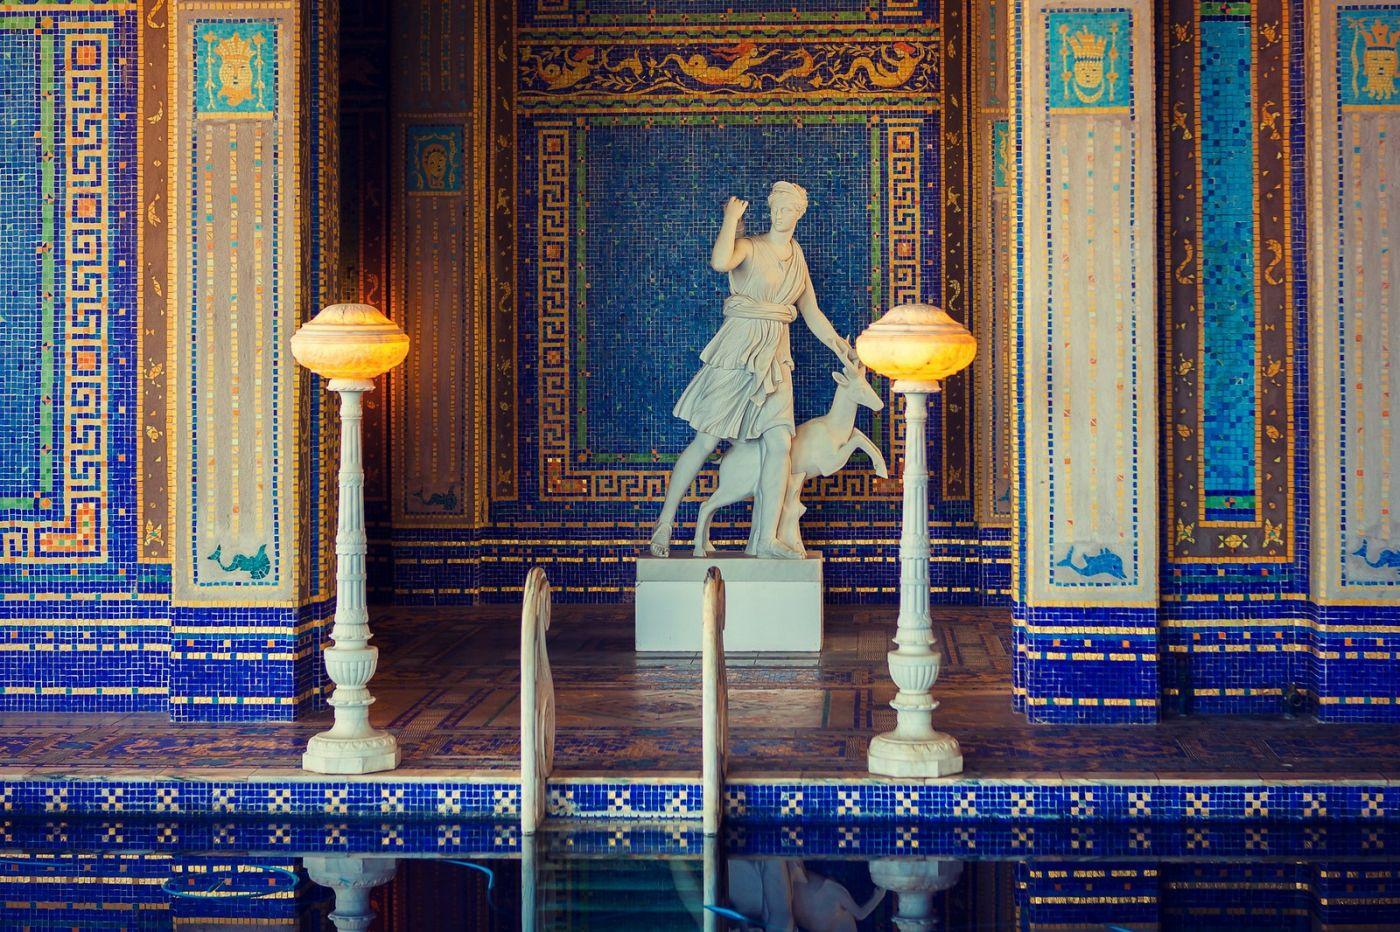 加州赫斯特城堡,主人的游泳池很开眼_图1-2